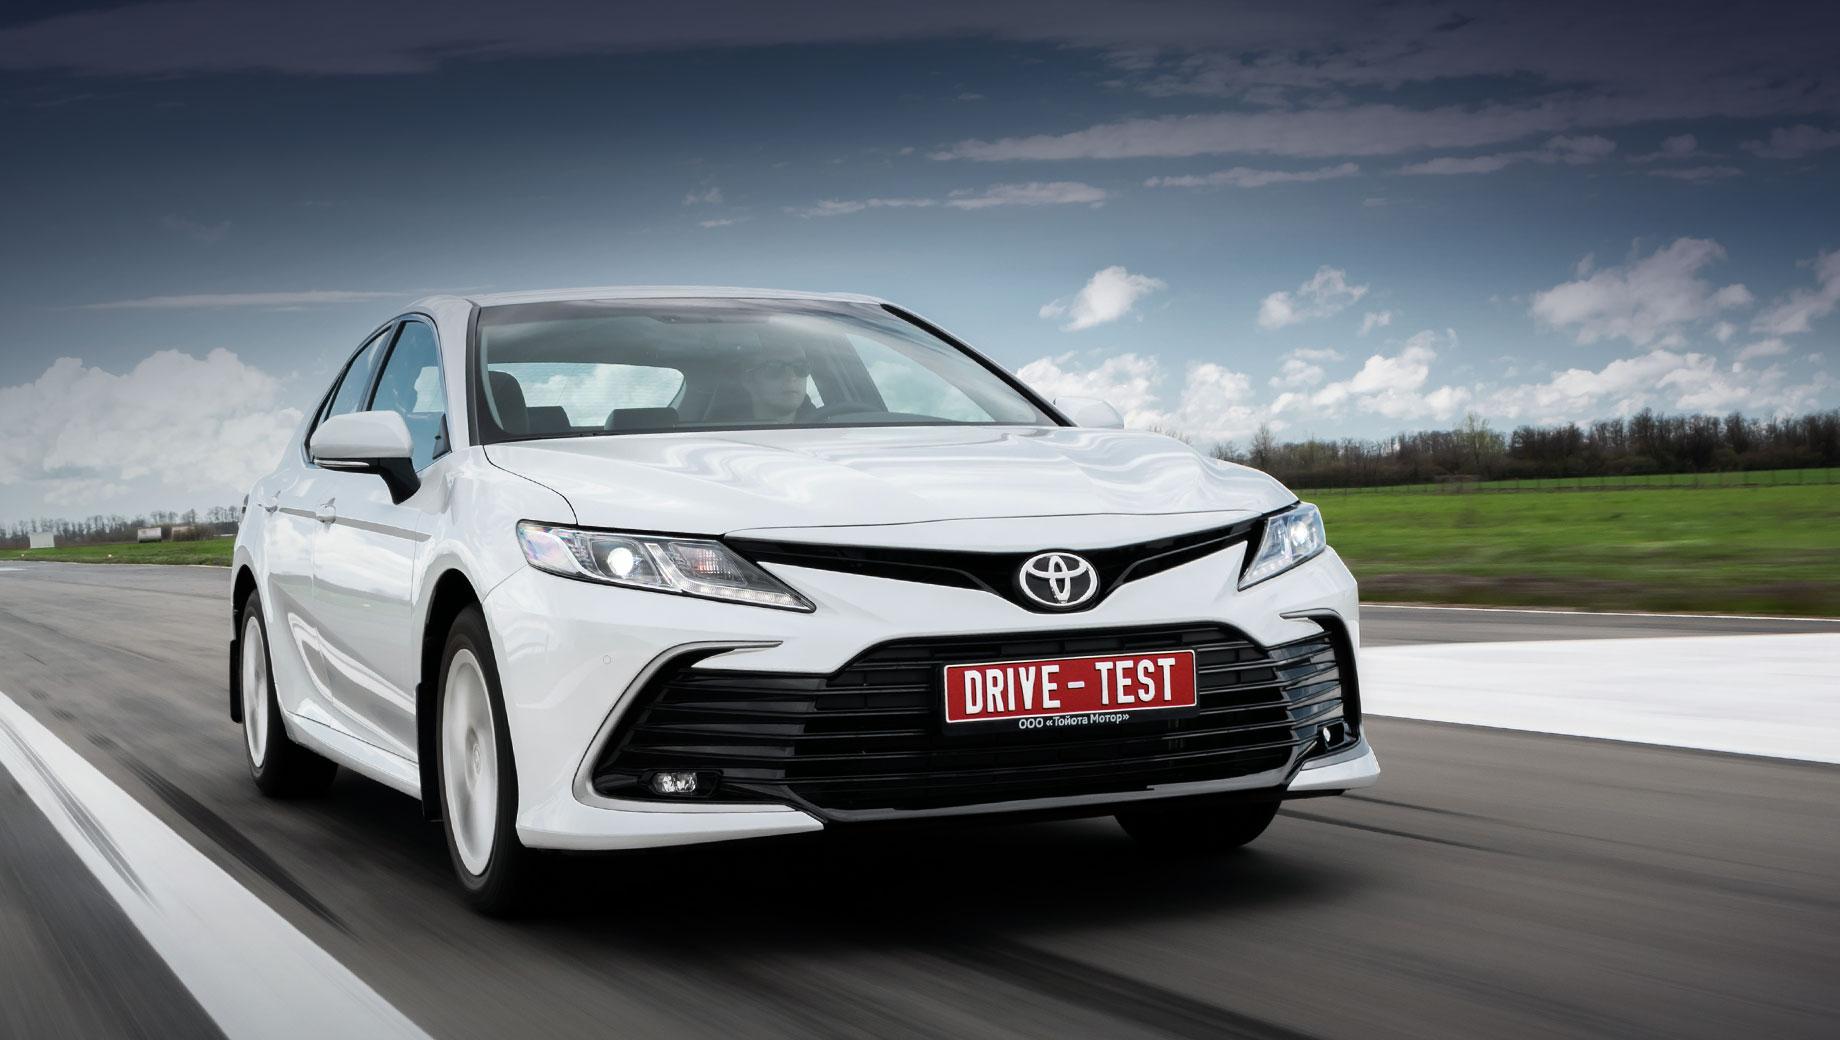 Toyota camry. Всё начинается с 1 846 000 рублей за «Стандарт» с двухлитровым мотором и вариатором. Седан с двигателем 2.5 обойдётся не меньше, чем в 2 117 000. А шесть цилиндров — это минимум 2 669 000.